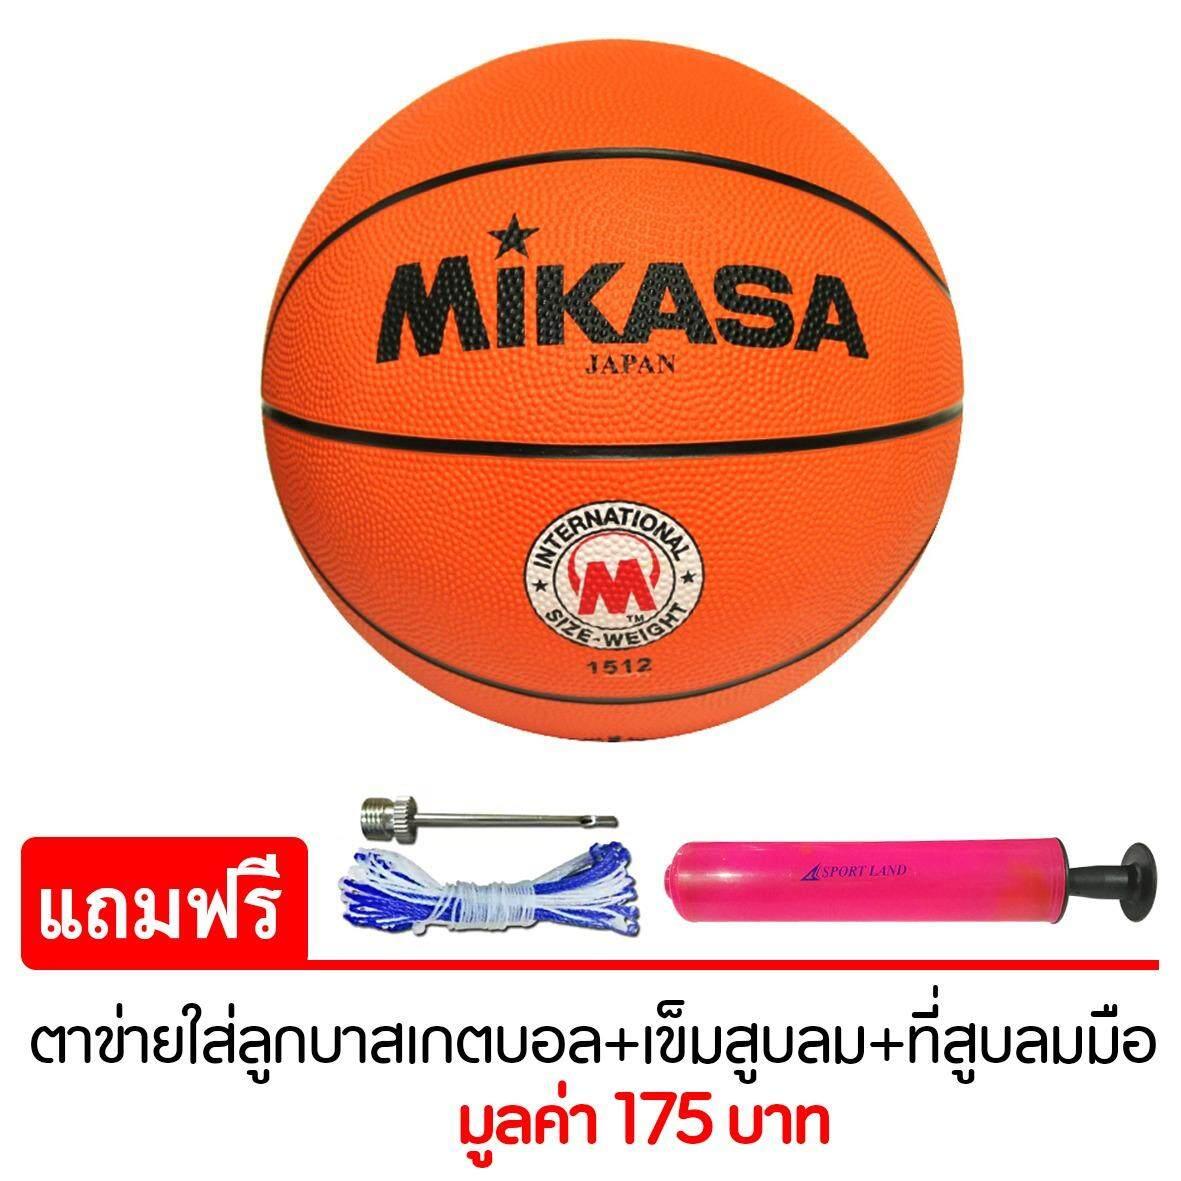 ราคา Mikasa บาสเก็ตบอล Basketball Mks Rb 1512 แถมฟรี ตาข่ายใส่ลูกบาสเกตบอล เข็มสูบสูบลม สูบมือ Spl รุ่น Sl6 สีชมพู Mikasa